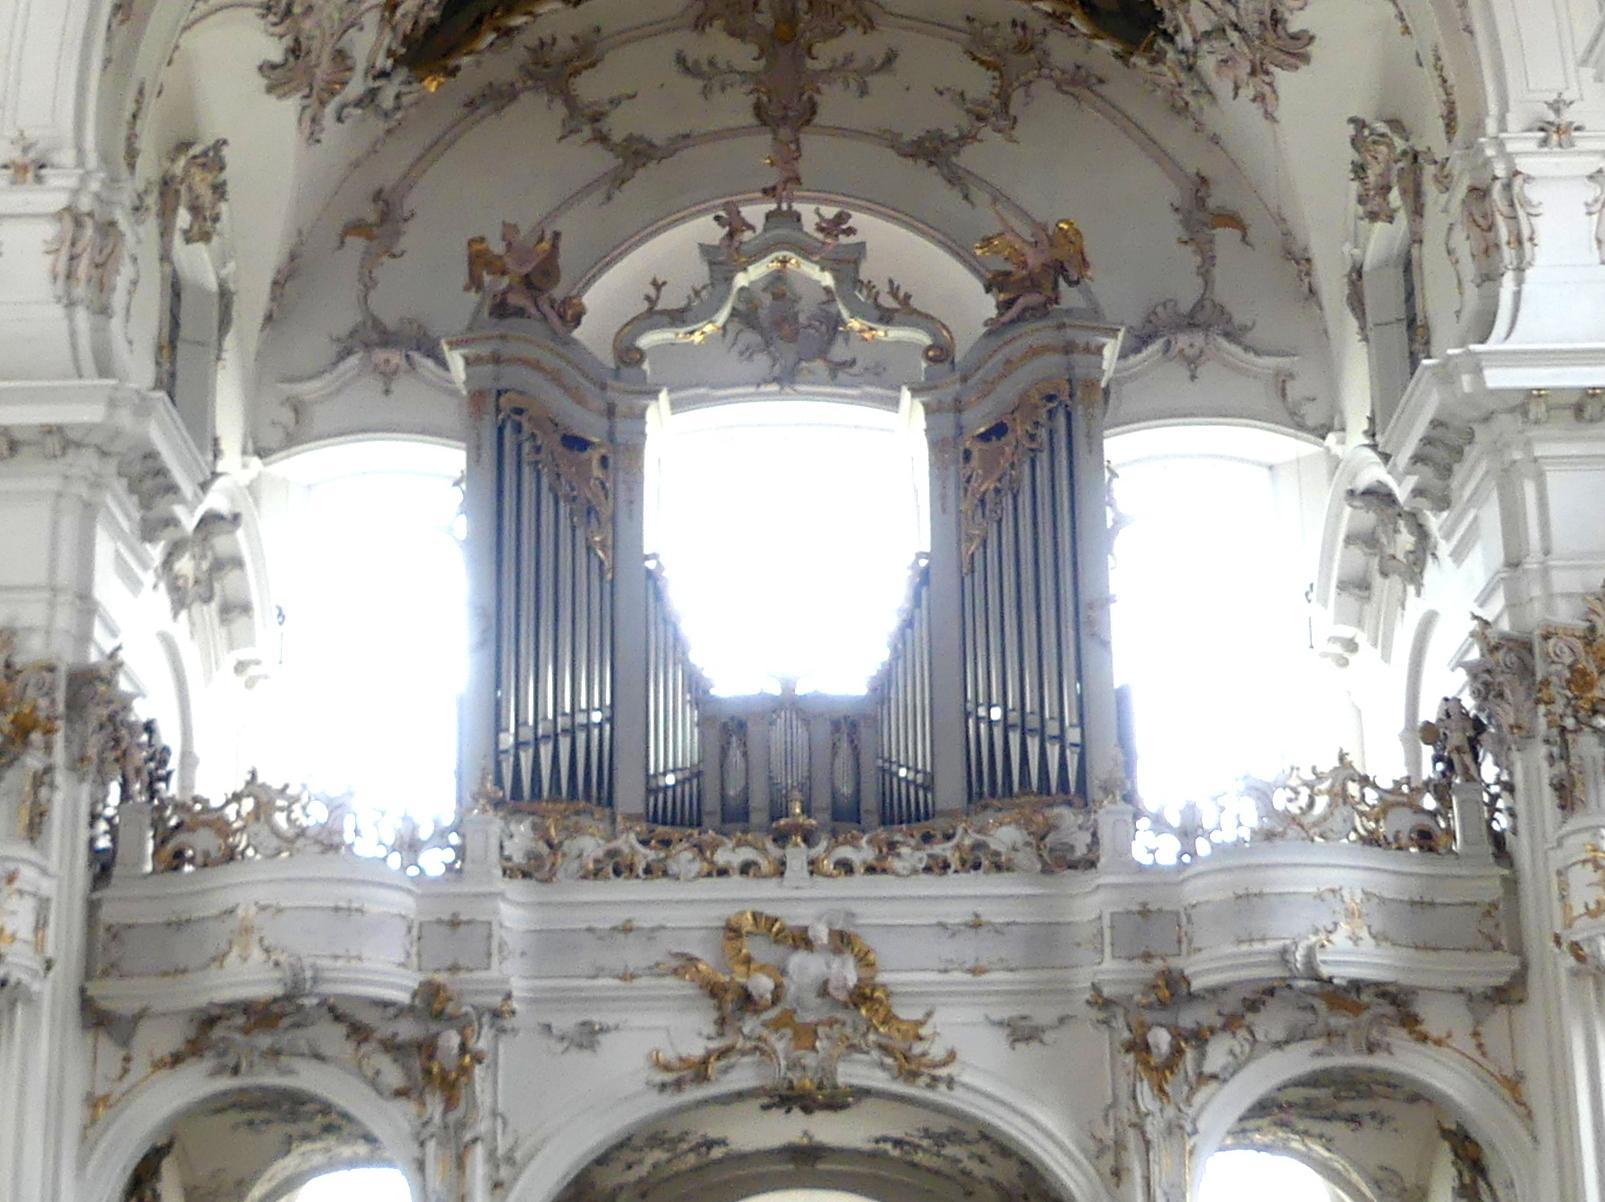 Johann Baptist Straub: Orgelgehäuse und Brüstung der Orgelempore, 1738 - 1740